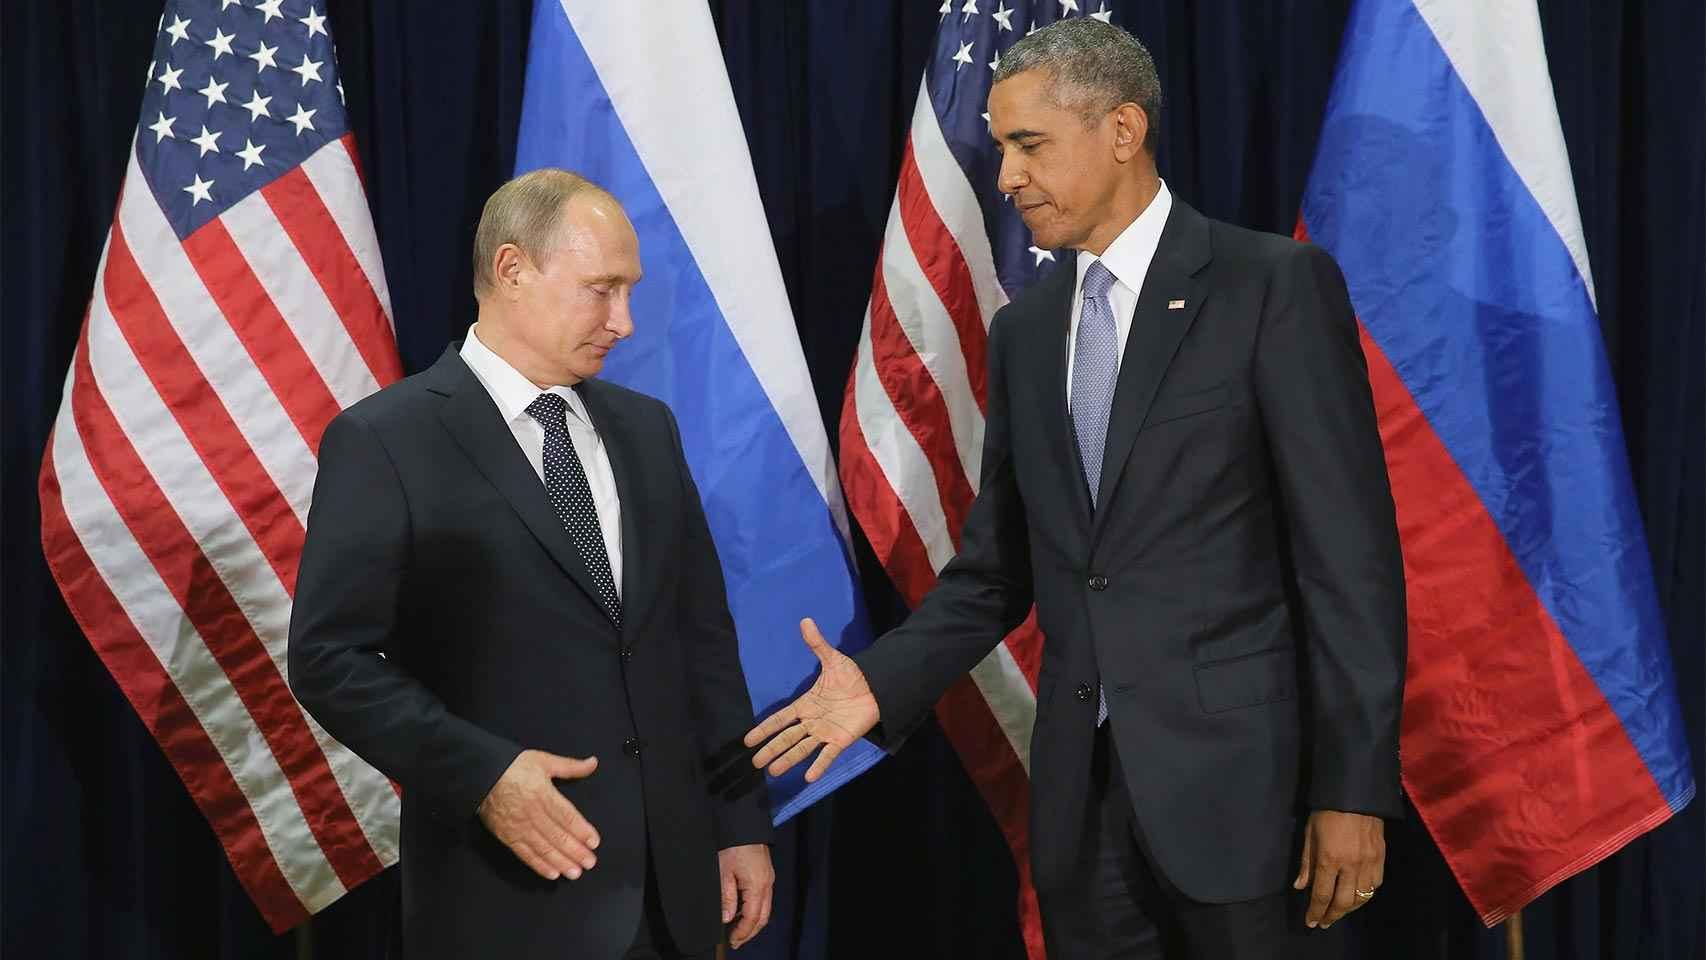 Putin y Obama, dos líderes muy diferentes.